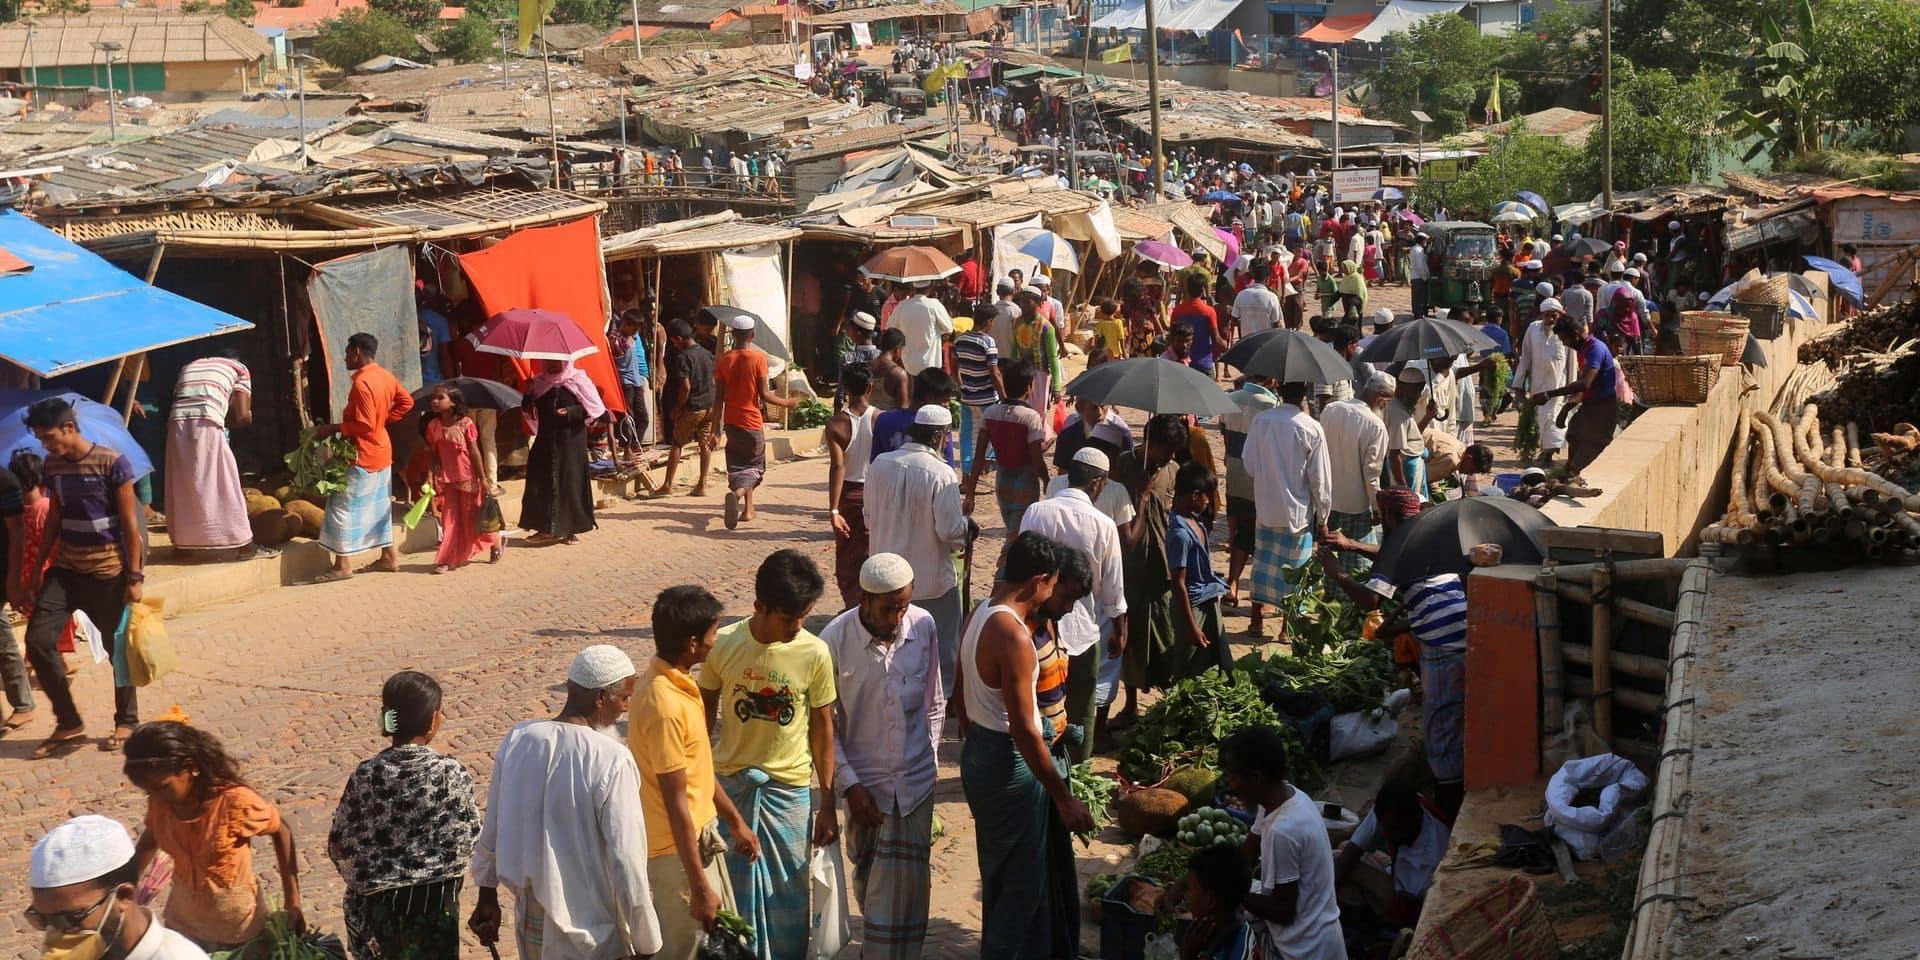 """Le Bangladesh affirme avoir """"contenu avec succès"""" le coronavirus dans les camps rohingyas"""